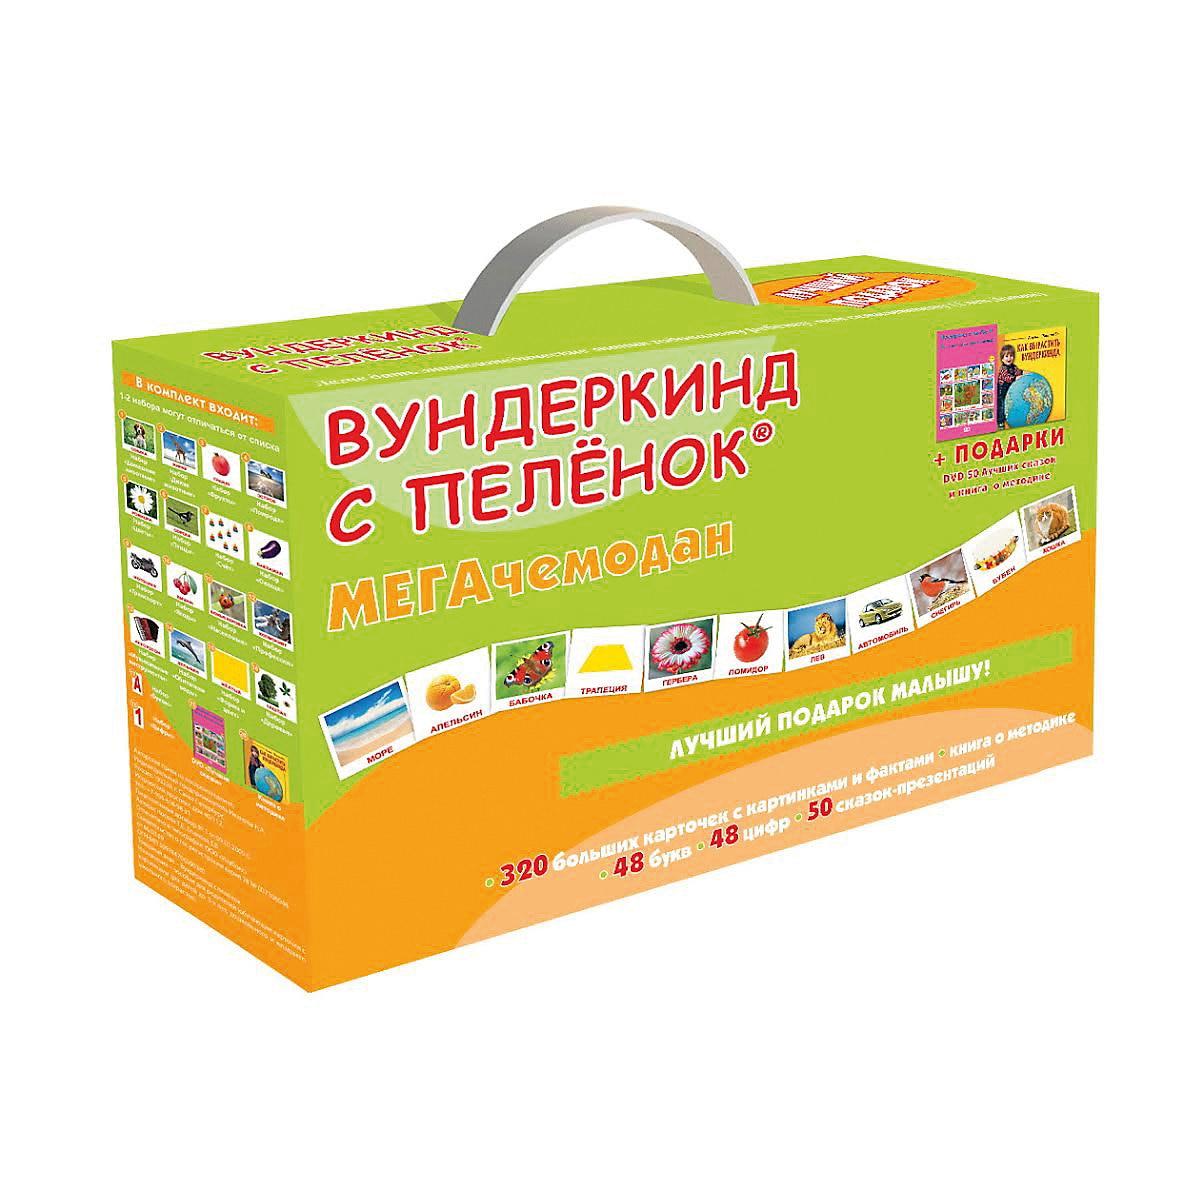 Livres Vunderkind s pelenok 7182396 cartes pour enfants ensemble d'enseignement livres pour enfants classes jeu éducatif filles et garçon MTpromo